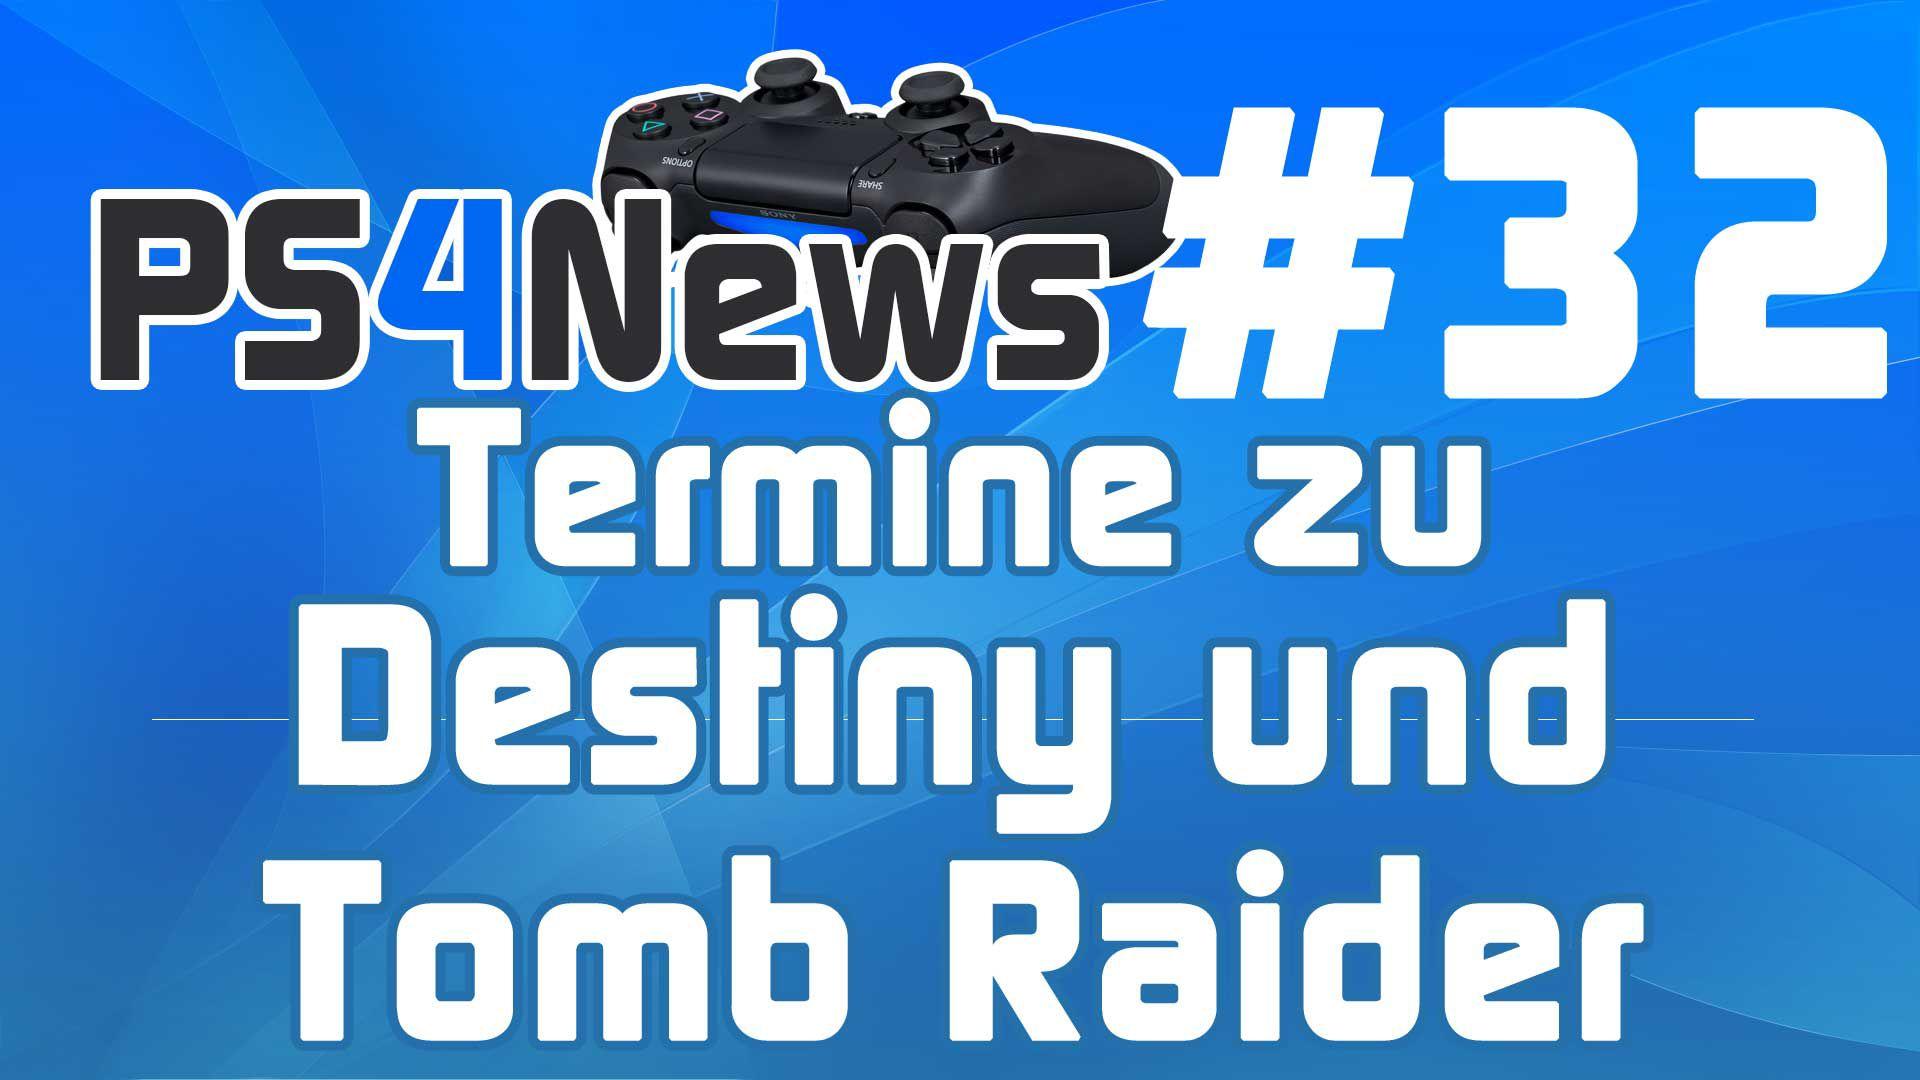 Erscheinungstermine zu Destiny und Tomb Raider + Die VGX Awards 2013